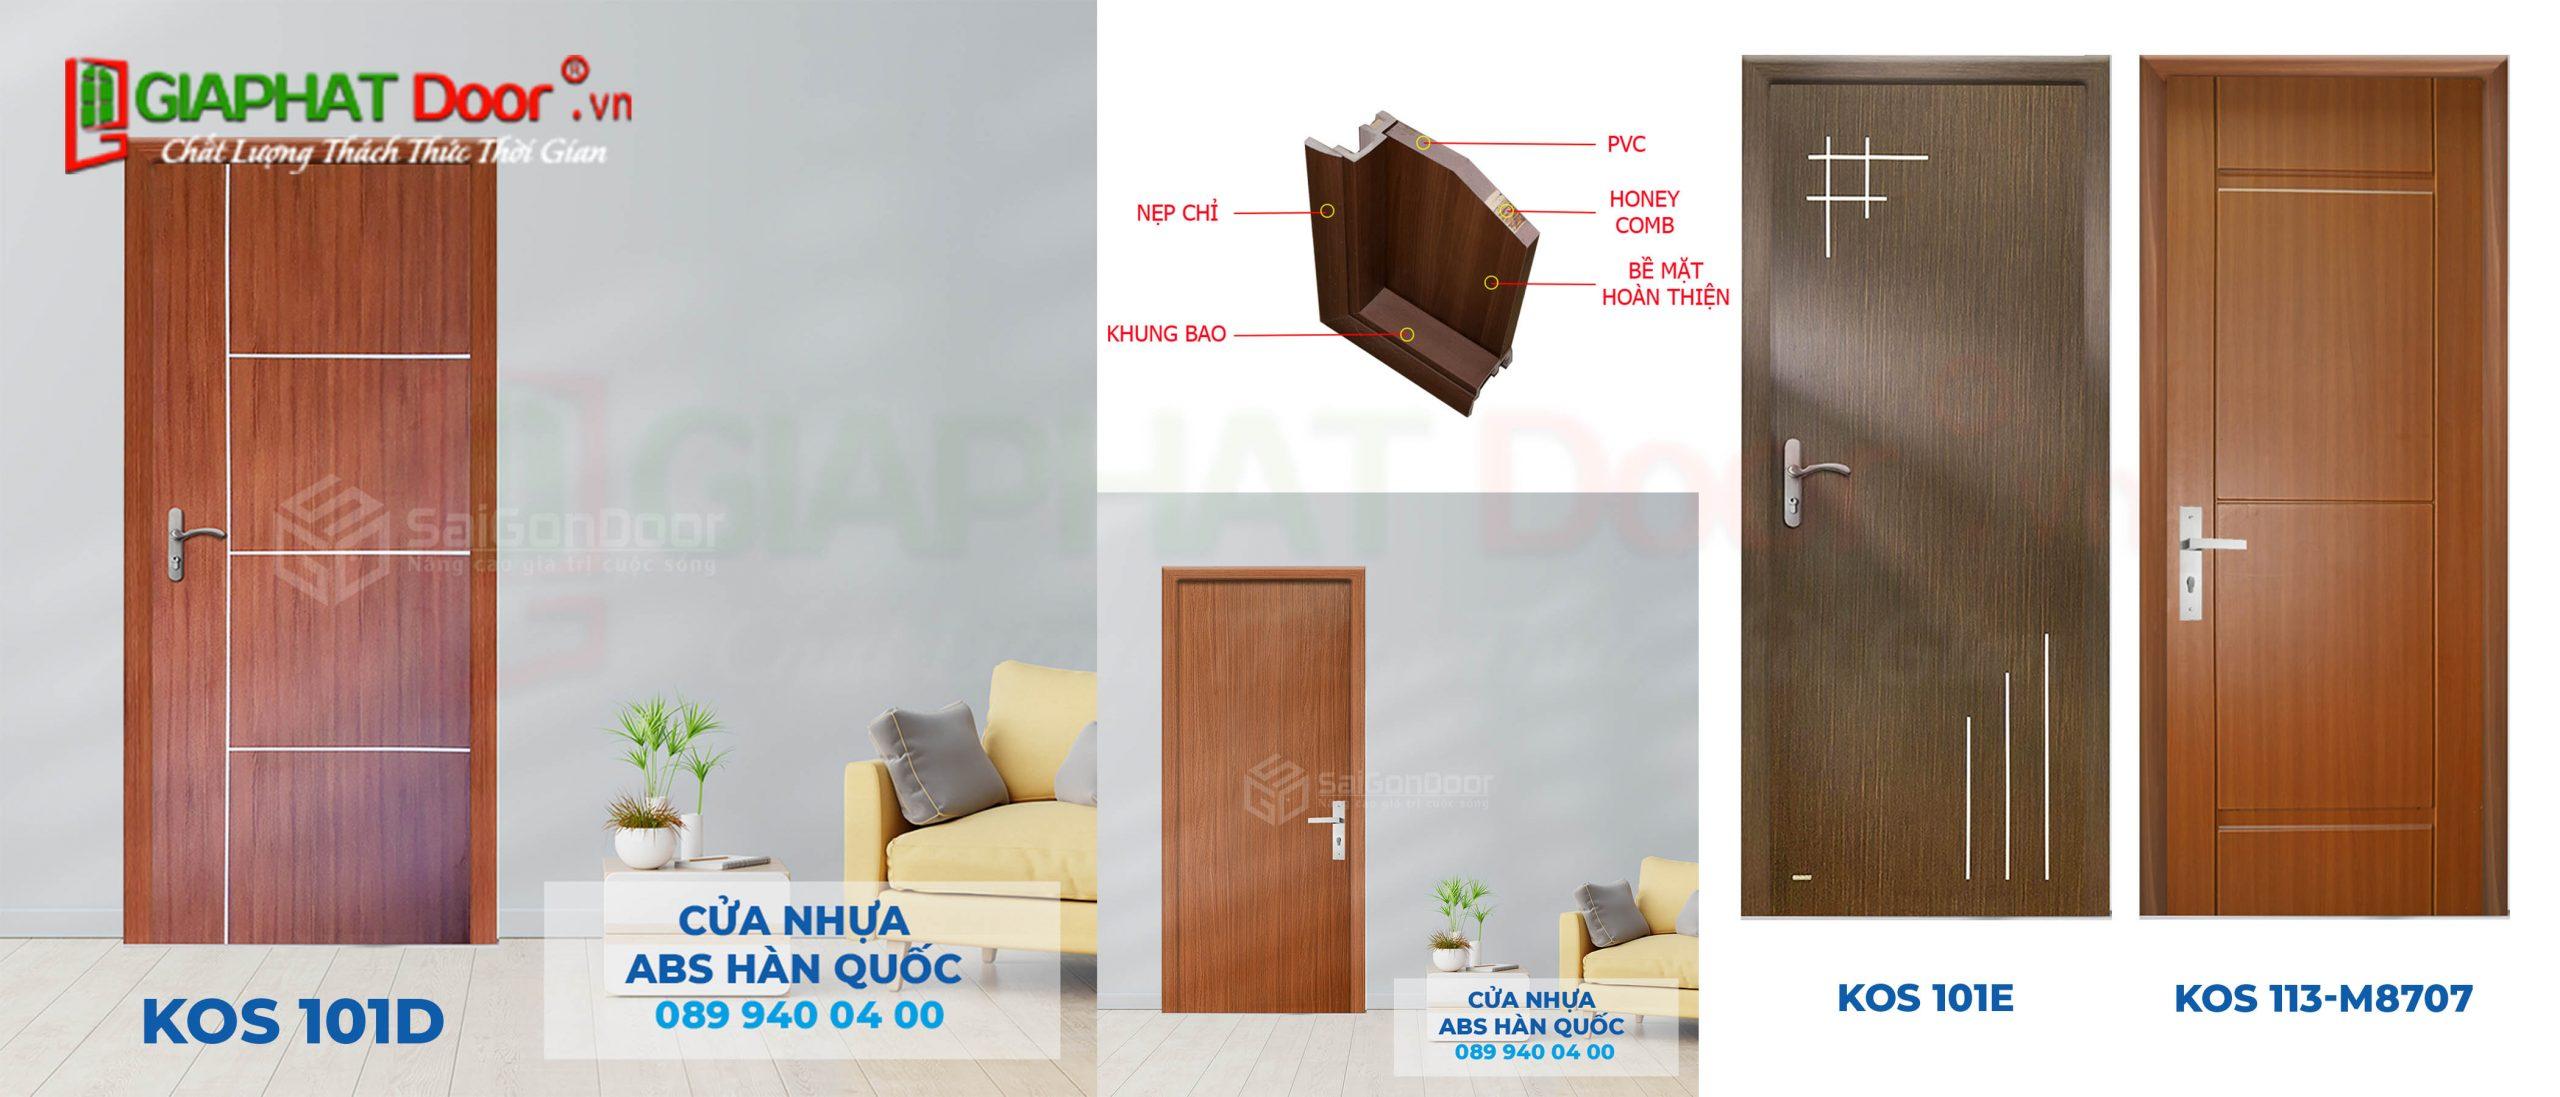 Cấu tạo mặt cắt góc cửa nhựa ABS Hàn Quốc